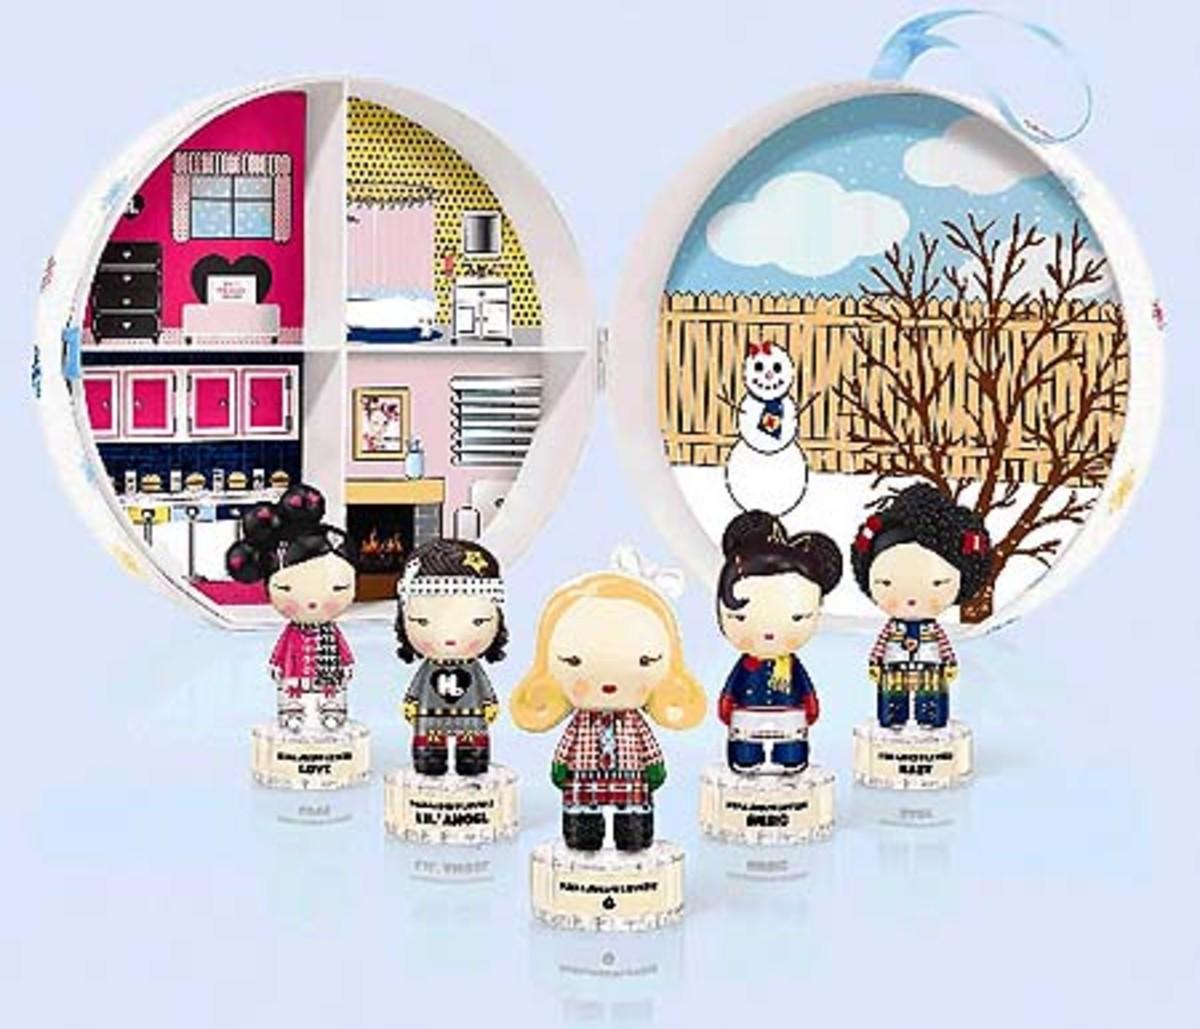 Harajuku Lovers Holiday set